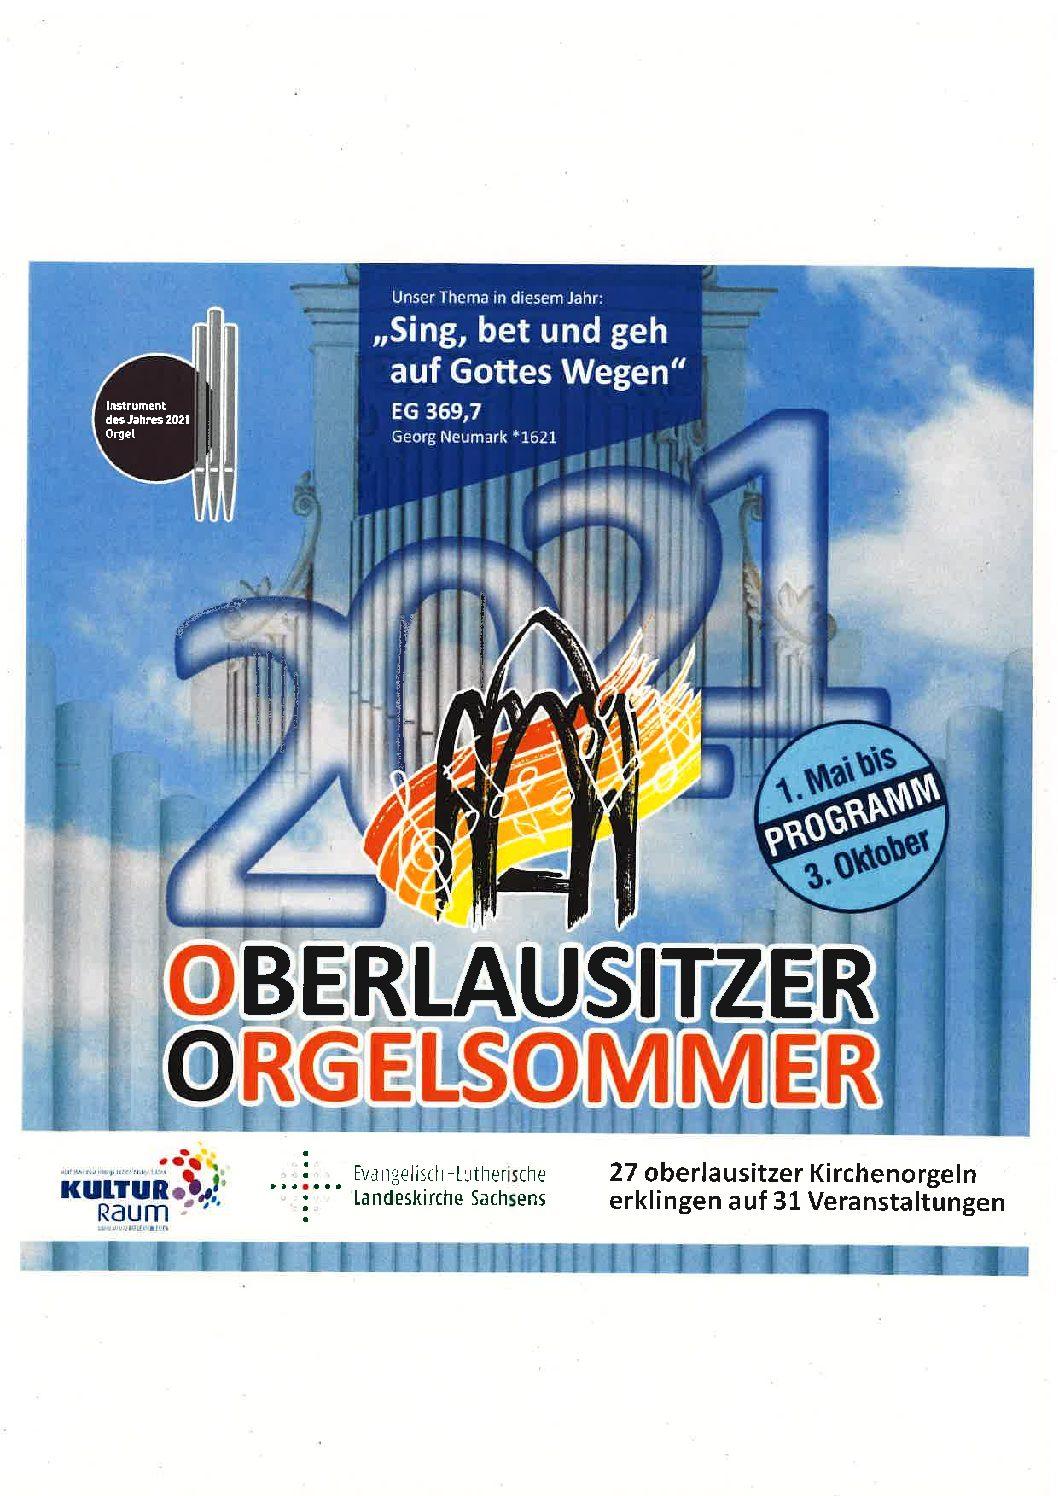 Oberlausitzer Orgelsommer 2021